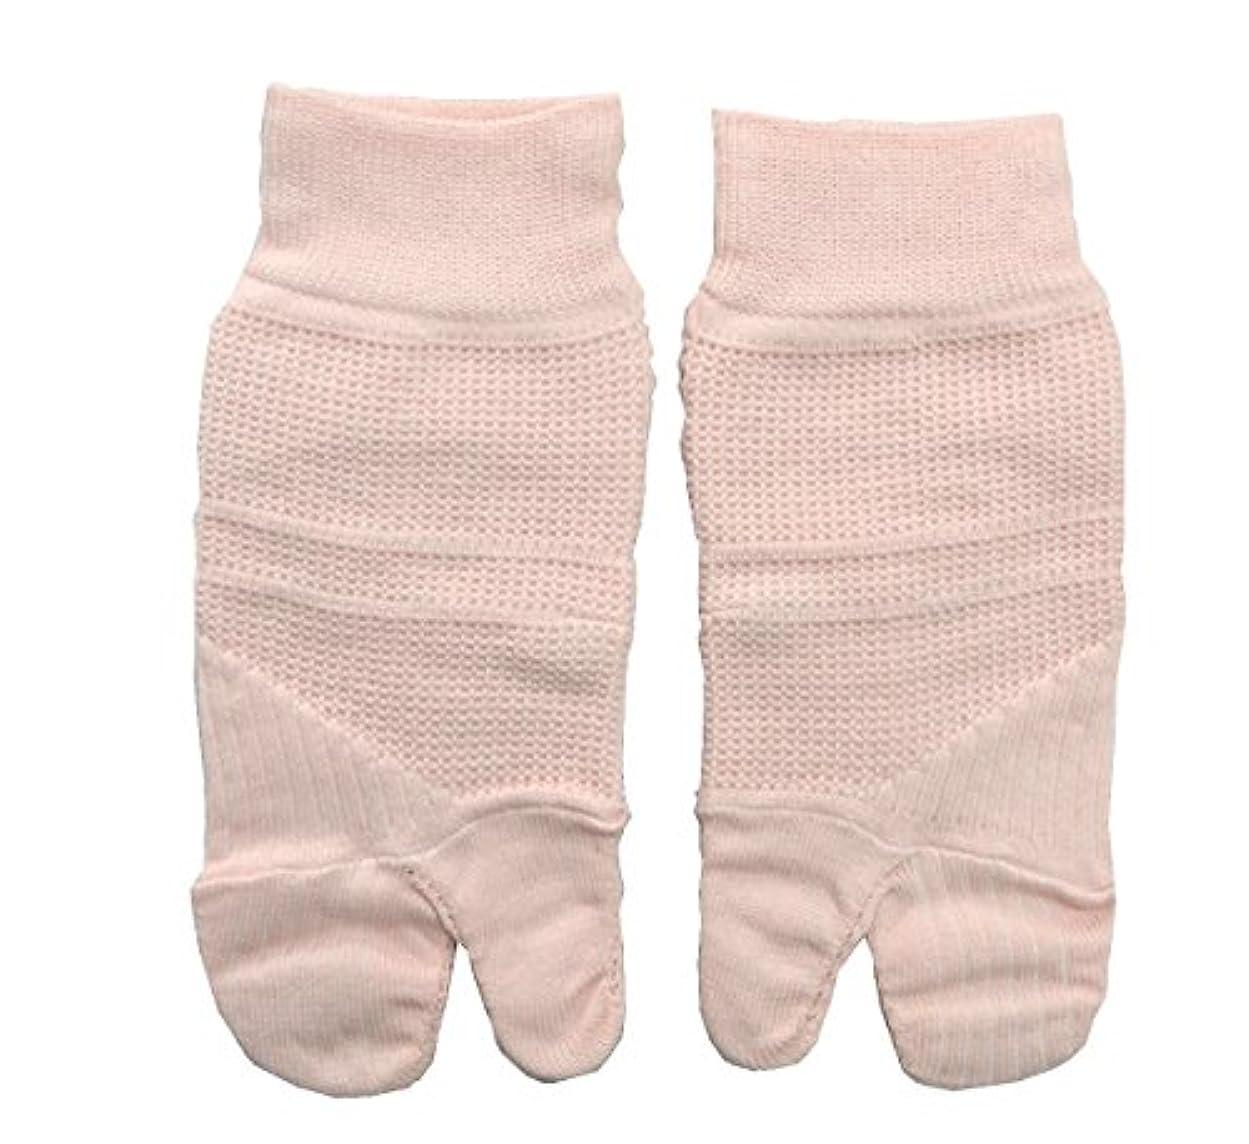 電気の白鳥告白外反母趾対策靴下(通常タイプ) コーポレーションパールスター?広島大学大学院特許製品